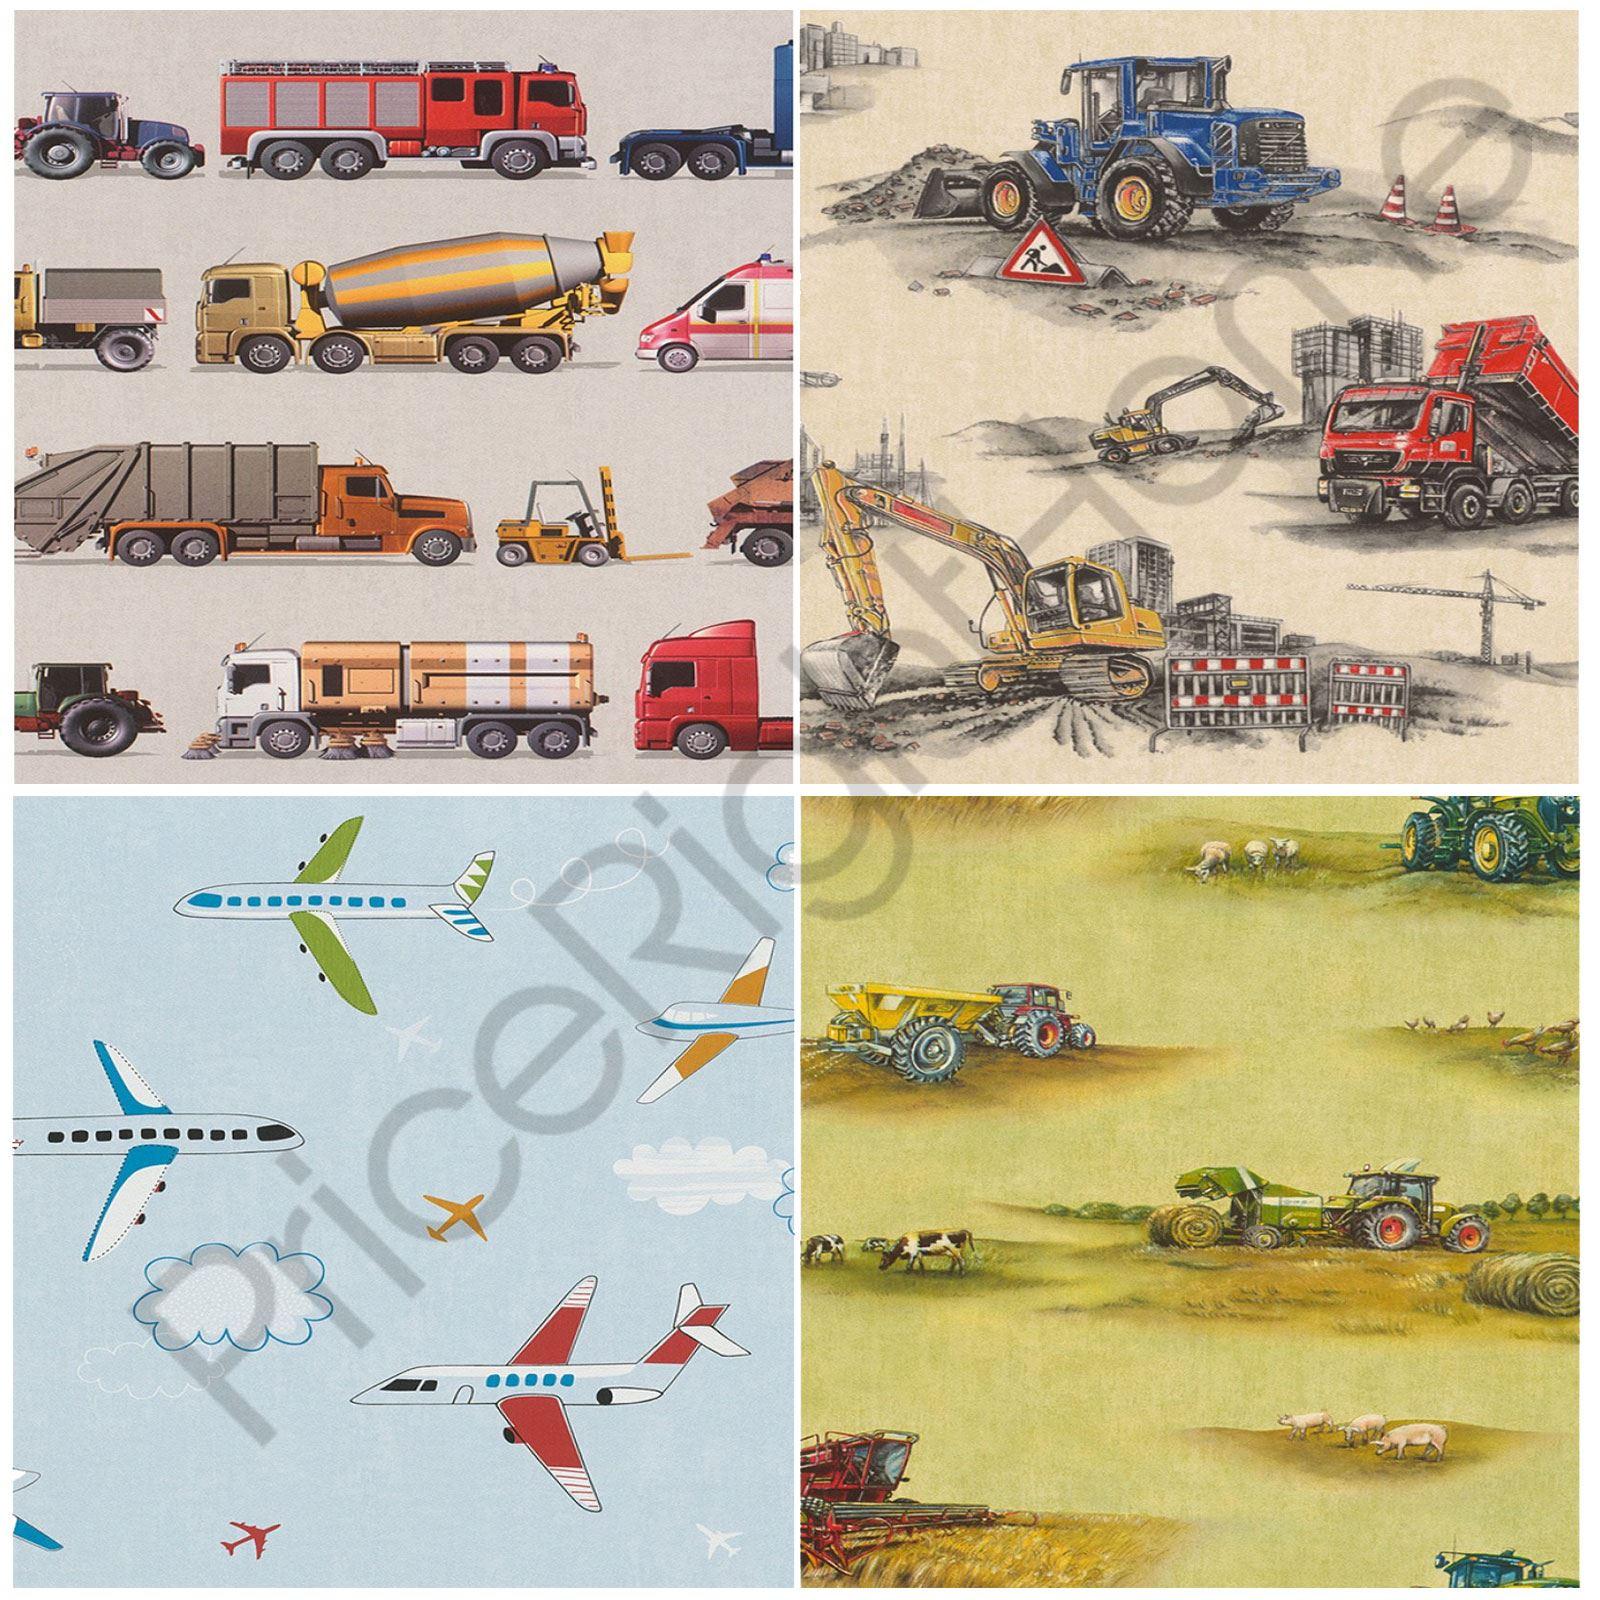 RASCH TRANSPORT WALLPAPER CONSTRUCTION TRACTOR VEHICLES KIDS BEDROOM ...